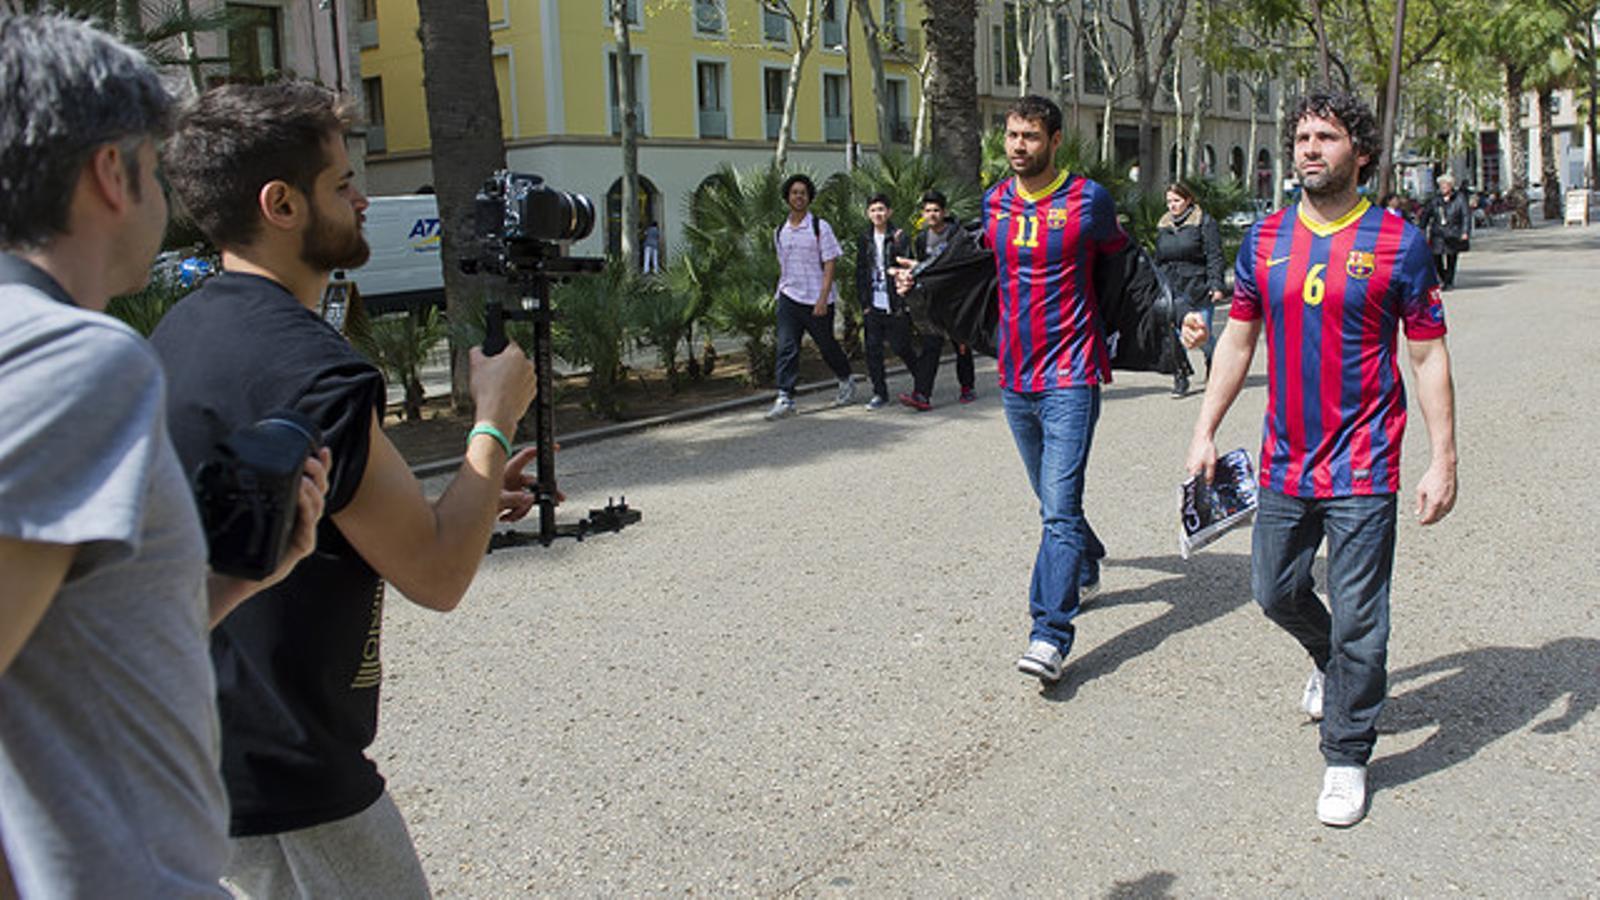 Respon a la crida: el Barça d'handbol demana el suport dels aficionats